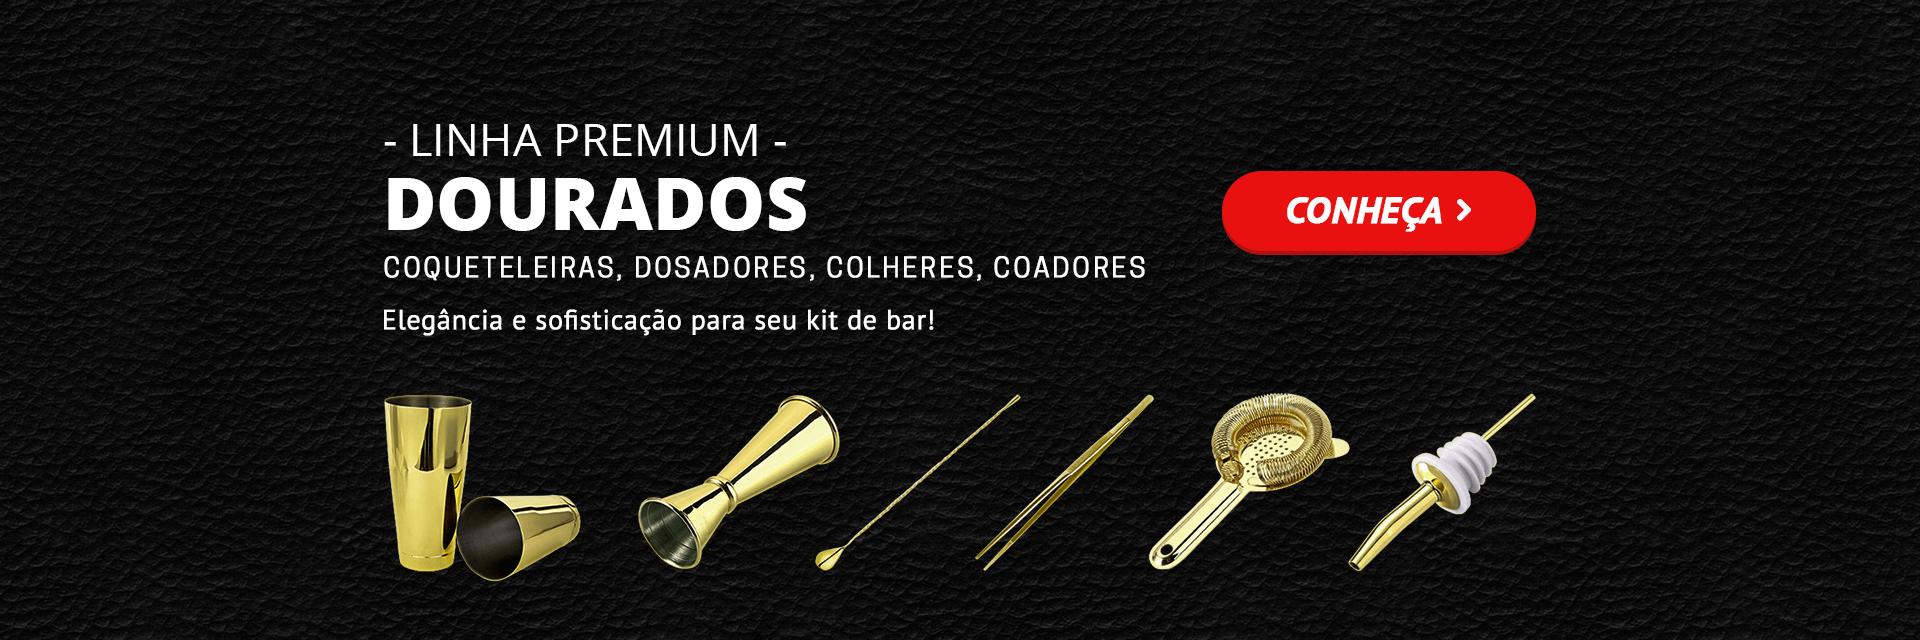 Linha Premium Dourada